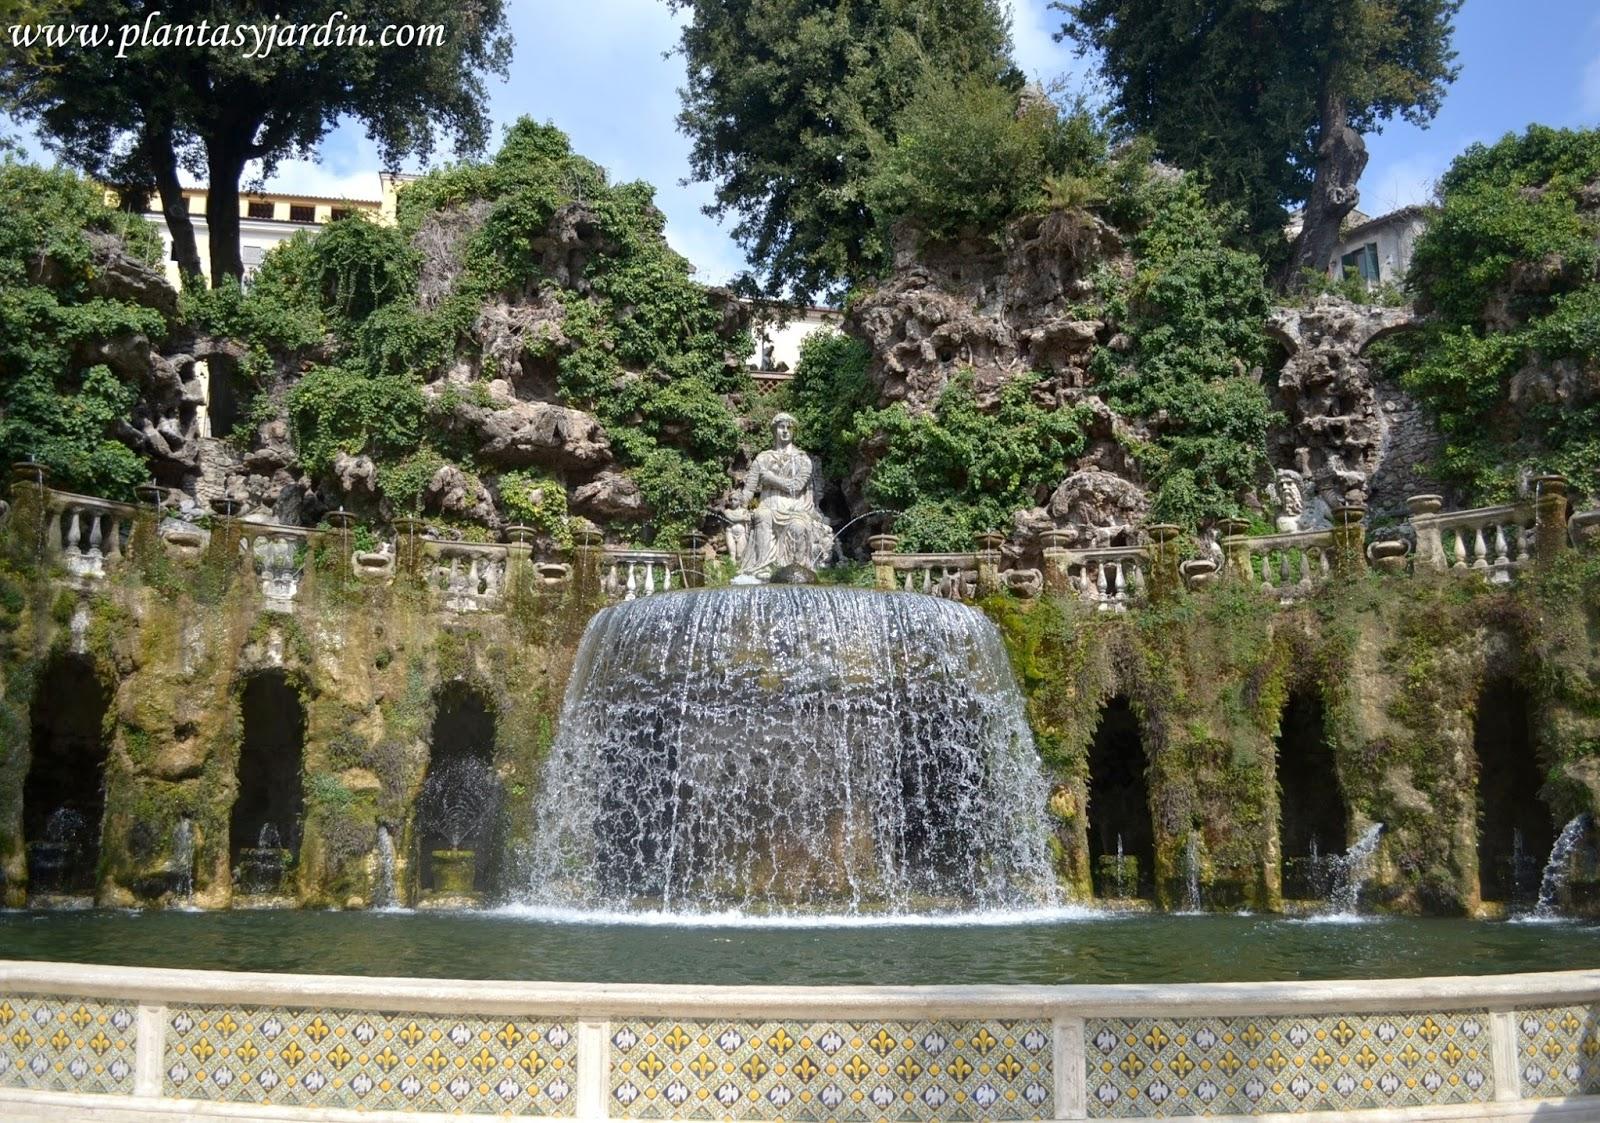 Arsa live atc topo sur les jardins for Les jardins de la villa slh